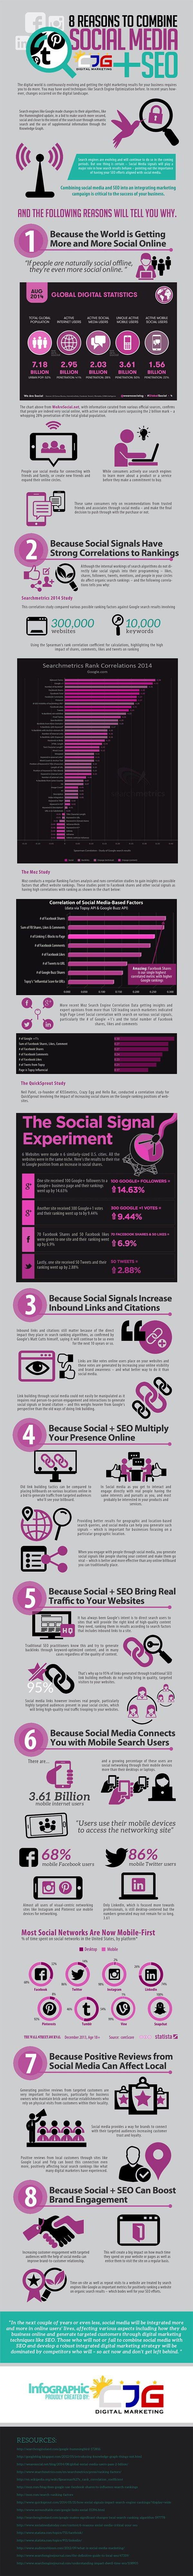 Razones para incluir Social Media en SEo malaga